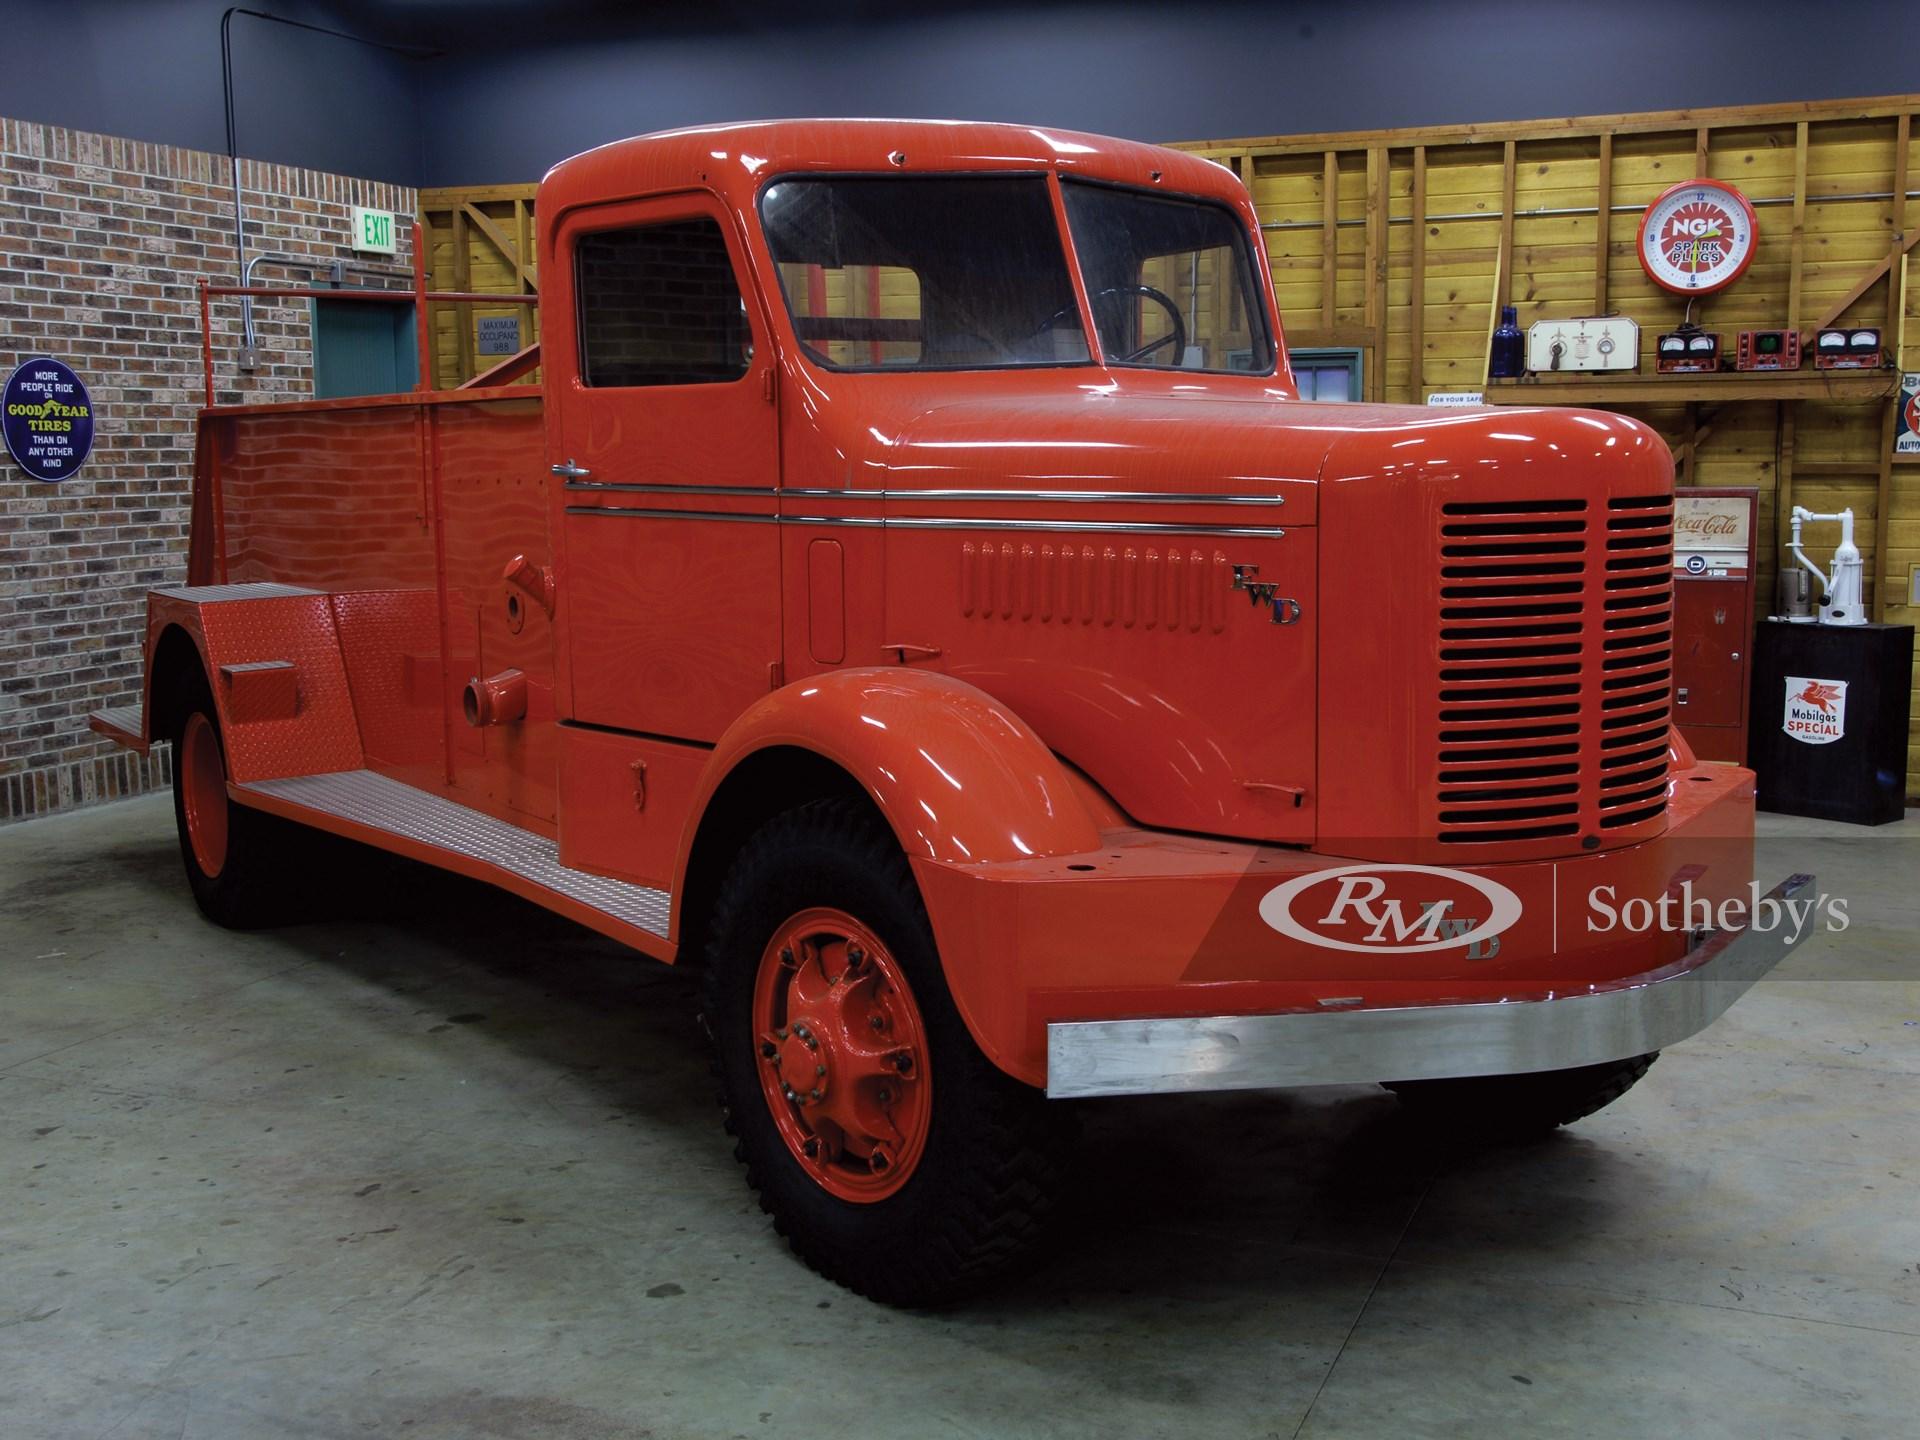 1950 FWD Pumper Fire Truck